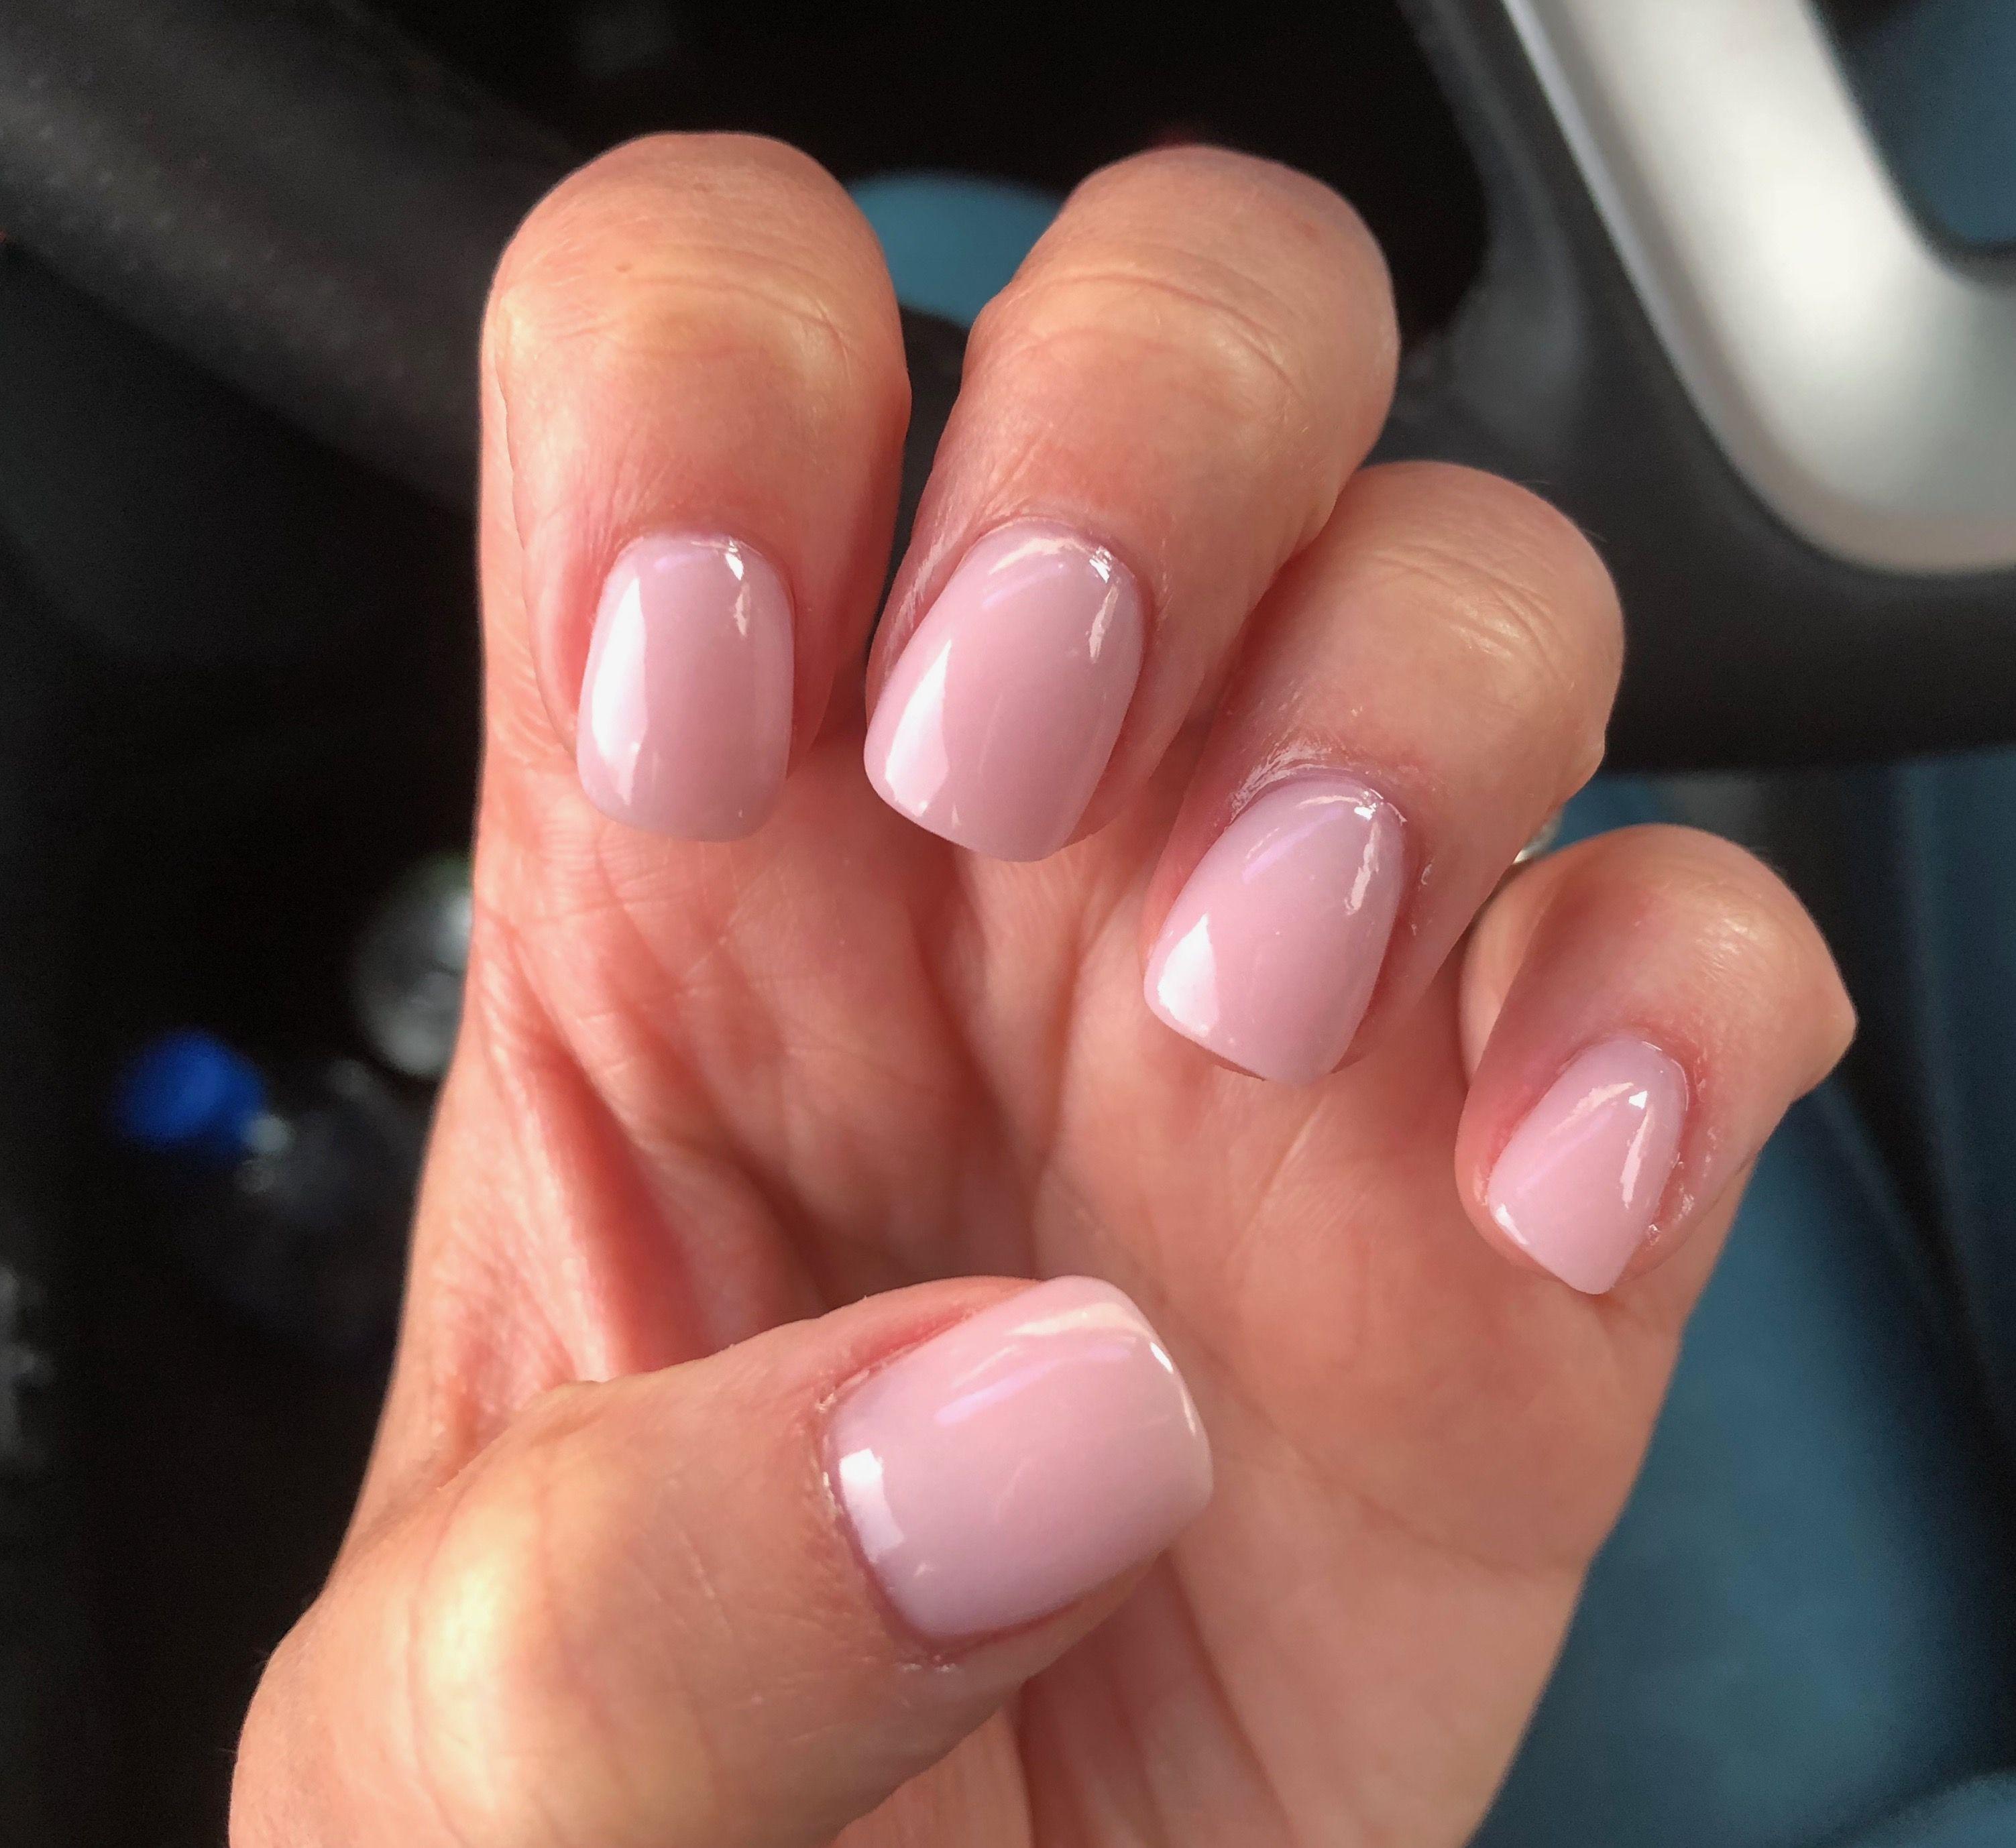 #248, SNS | Sns nails colors, Dipped nails, Pink nails